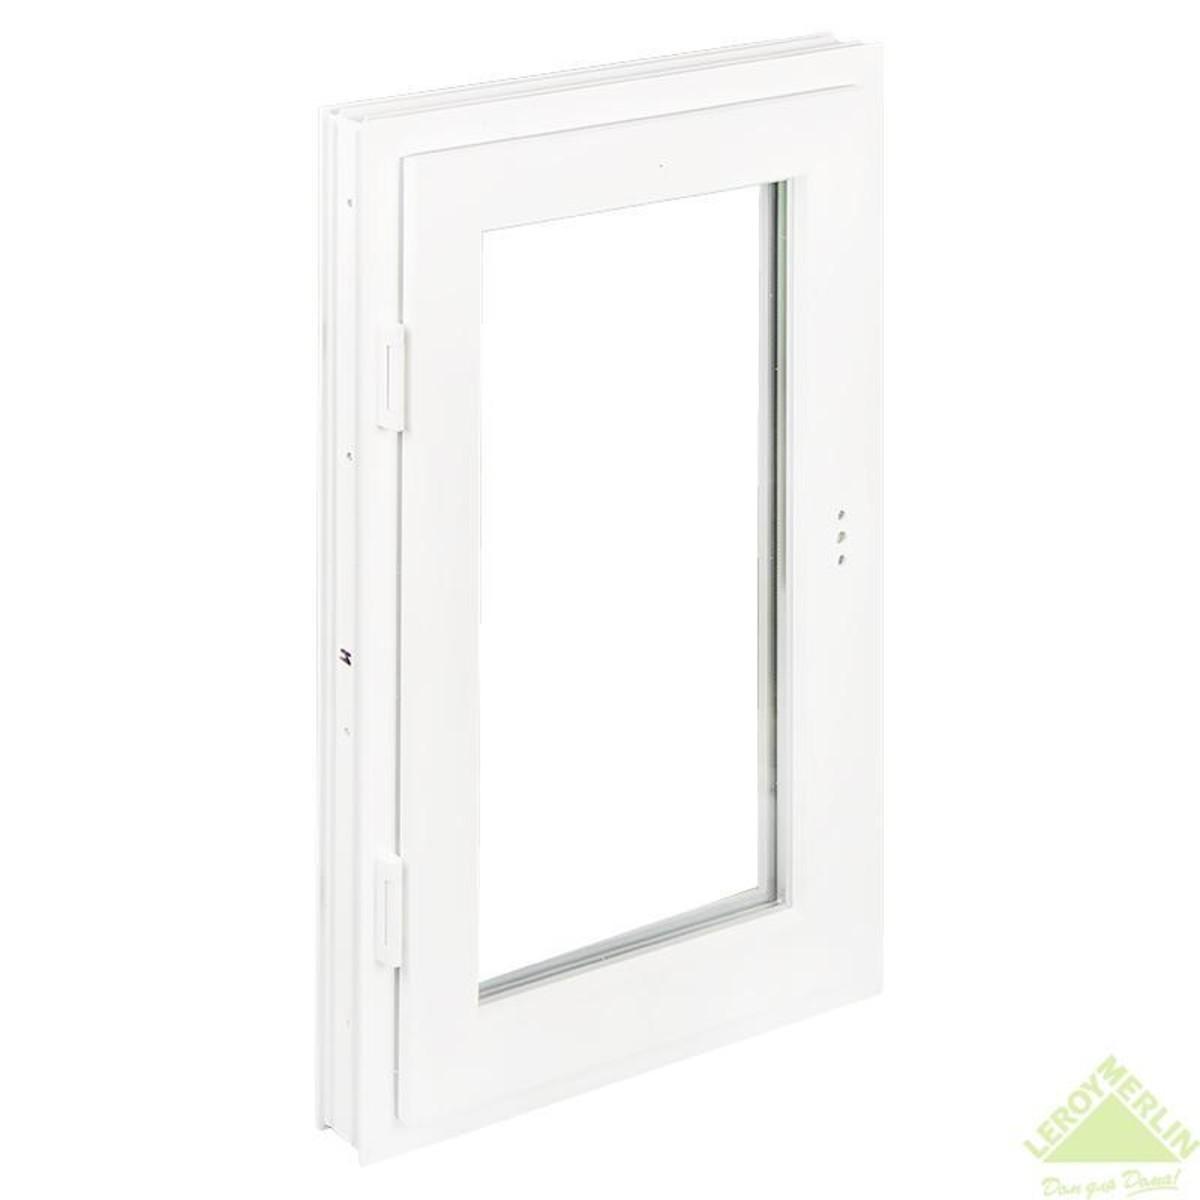 Окно-фрамуга ПВХ 50х70 см